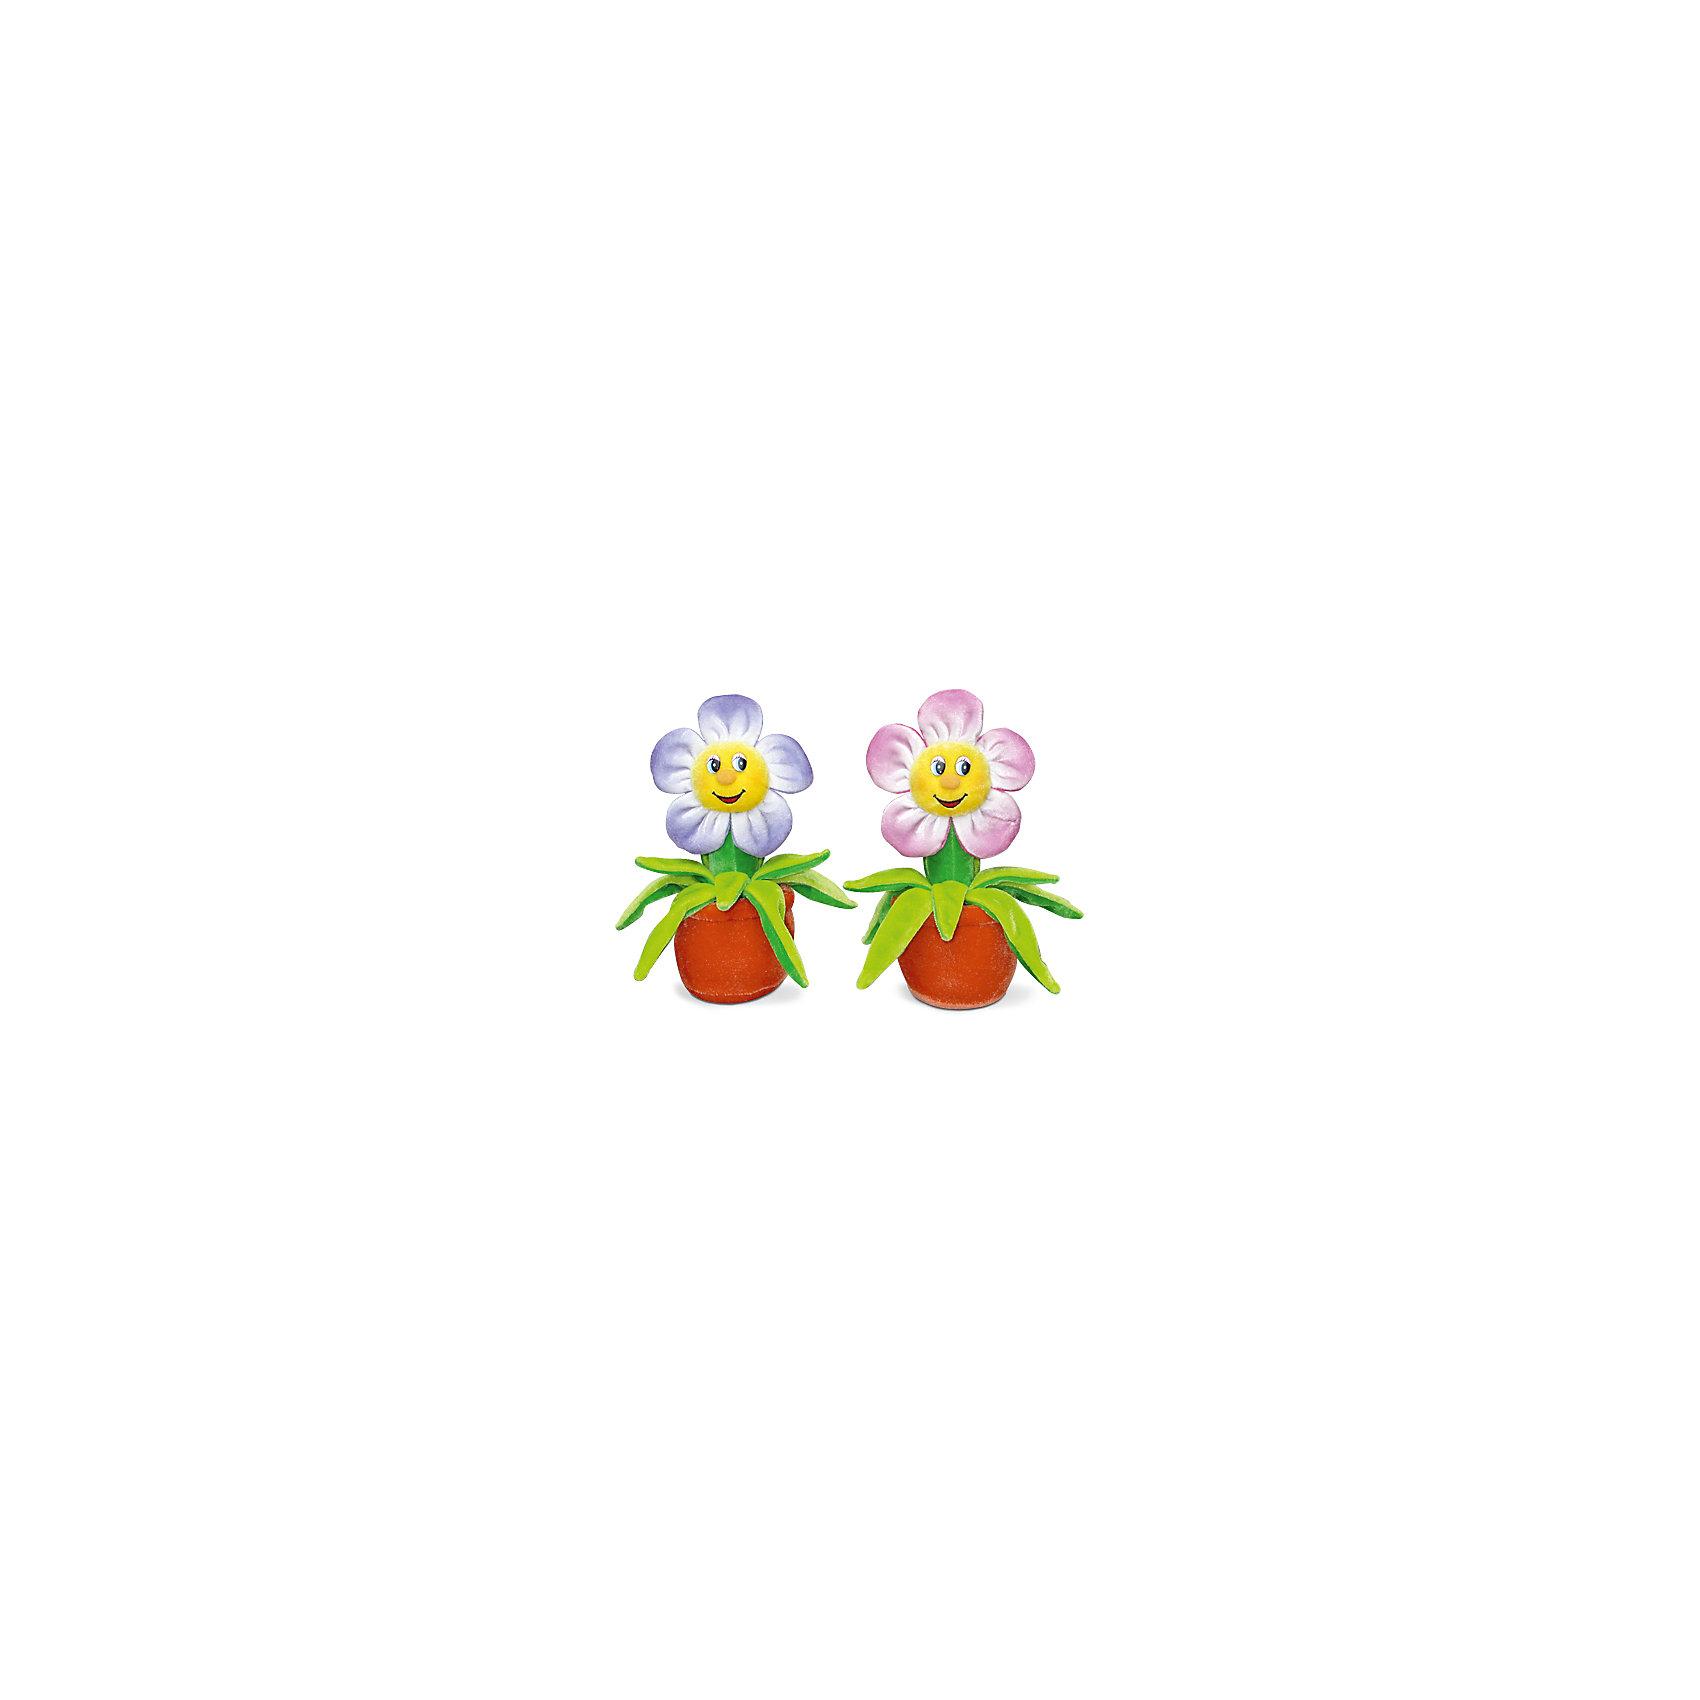 Цветок музыкальный, красный, 18 см, LAVAОзвученные мягкие игрушки<br>Этот цветочек никогда не завянет и всегда будет лучезарно улыбаться и петь веселую песенку! Он выполнен из мягкого, приятного на ощупь материала безопасного даже для малышей. <br><br>Дополнительная информация:<br><br>- Материал: текстиль, синтепон, пластик.<br>- Высота: 18 см. <br>- Поет песенку. <br>- Элемент питания: батарейка (в комплекте).<br><br>Цветок музыкальный, 18 см, LAVA (ЛАВА) можно купить в нашем магазине.<br><br>Ширина мм: 150<br>Глубина мм: 150<br>Высота мм: 180<br>Вес г: 130<br>Возраст от месяцев: 36<br>Возраст до месяцев: 1188<br>Пол: Унисекс<br>Возраст: Детский<br>SKU: 4874288